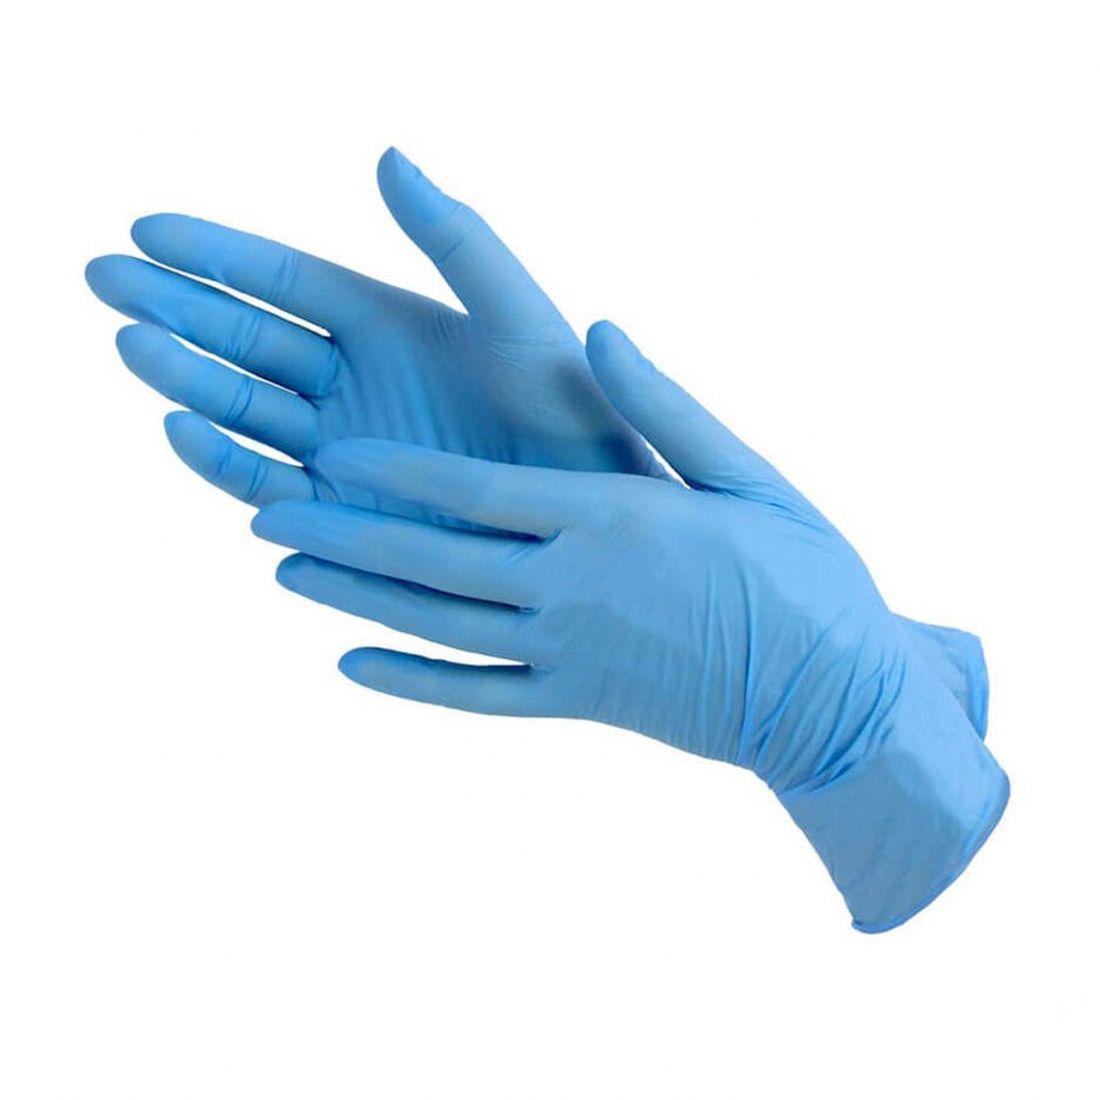 ПЕРЧАТКИ нитриловые неопудренные, 50 пар, размер М голубые